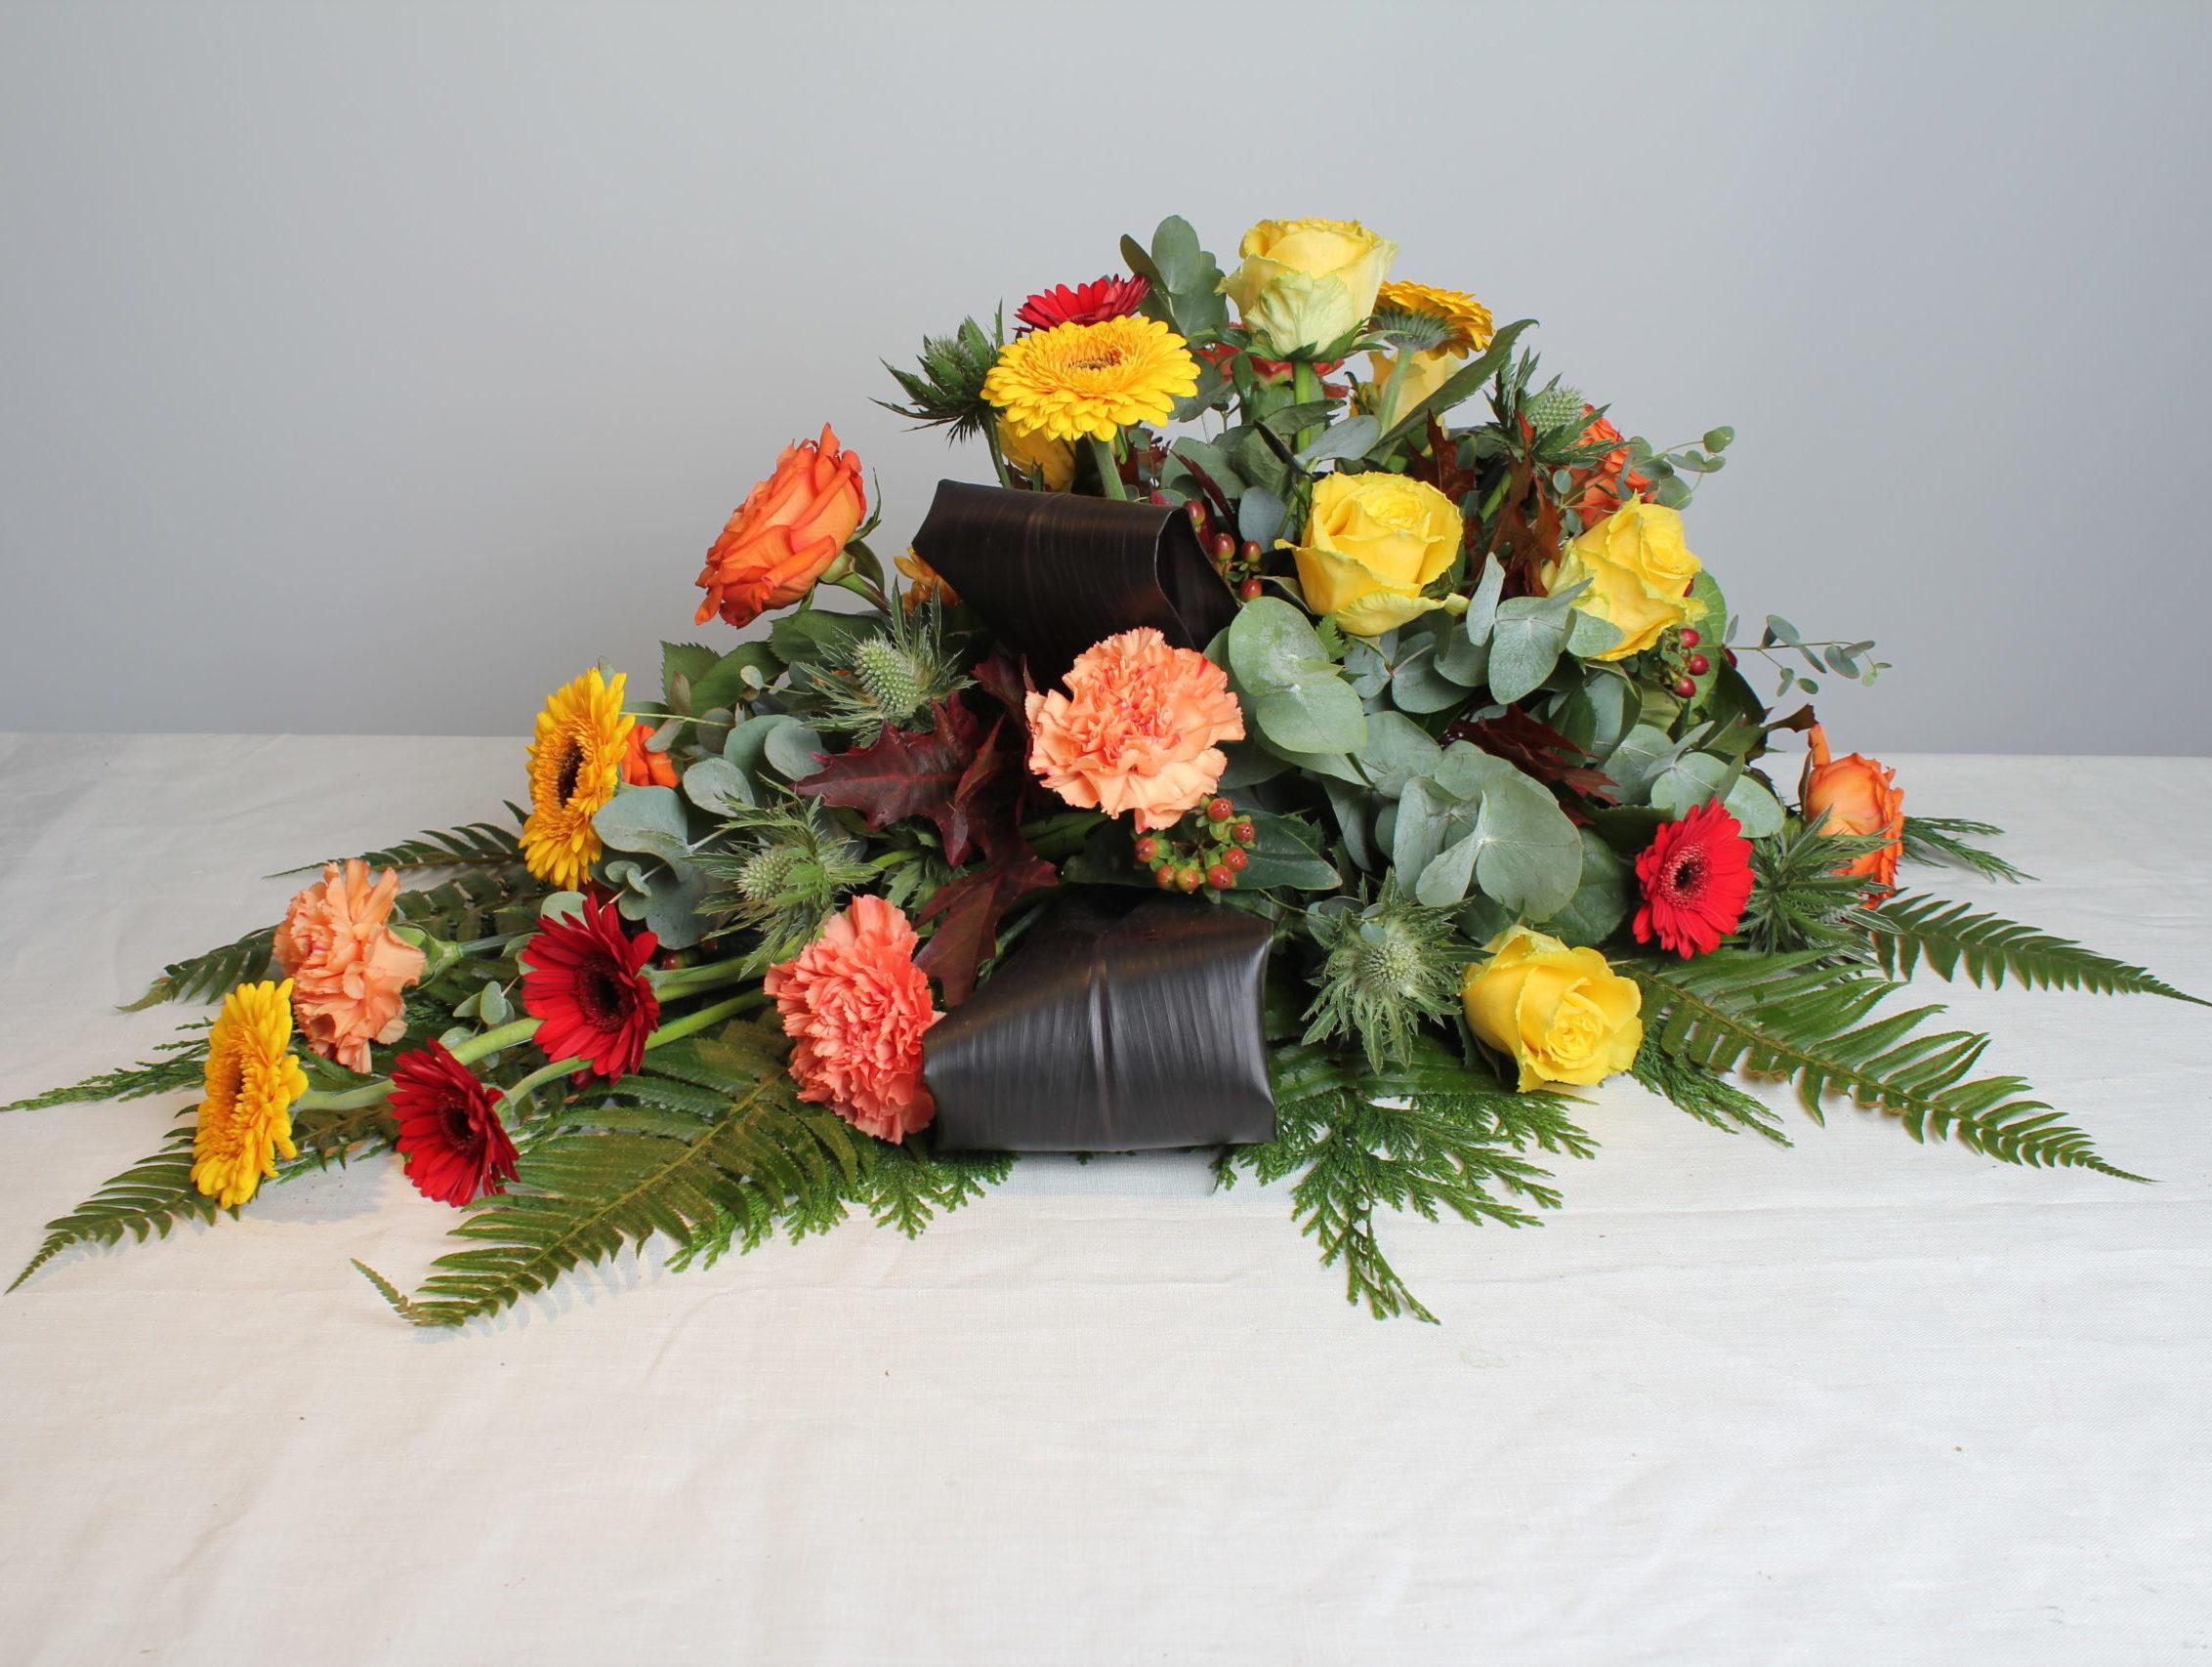 dekoration begravning